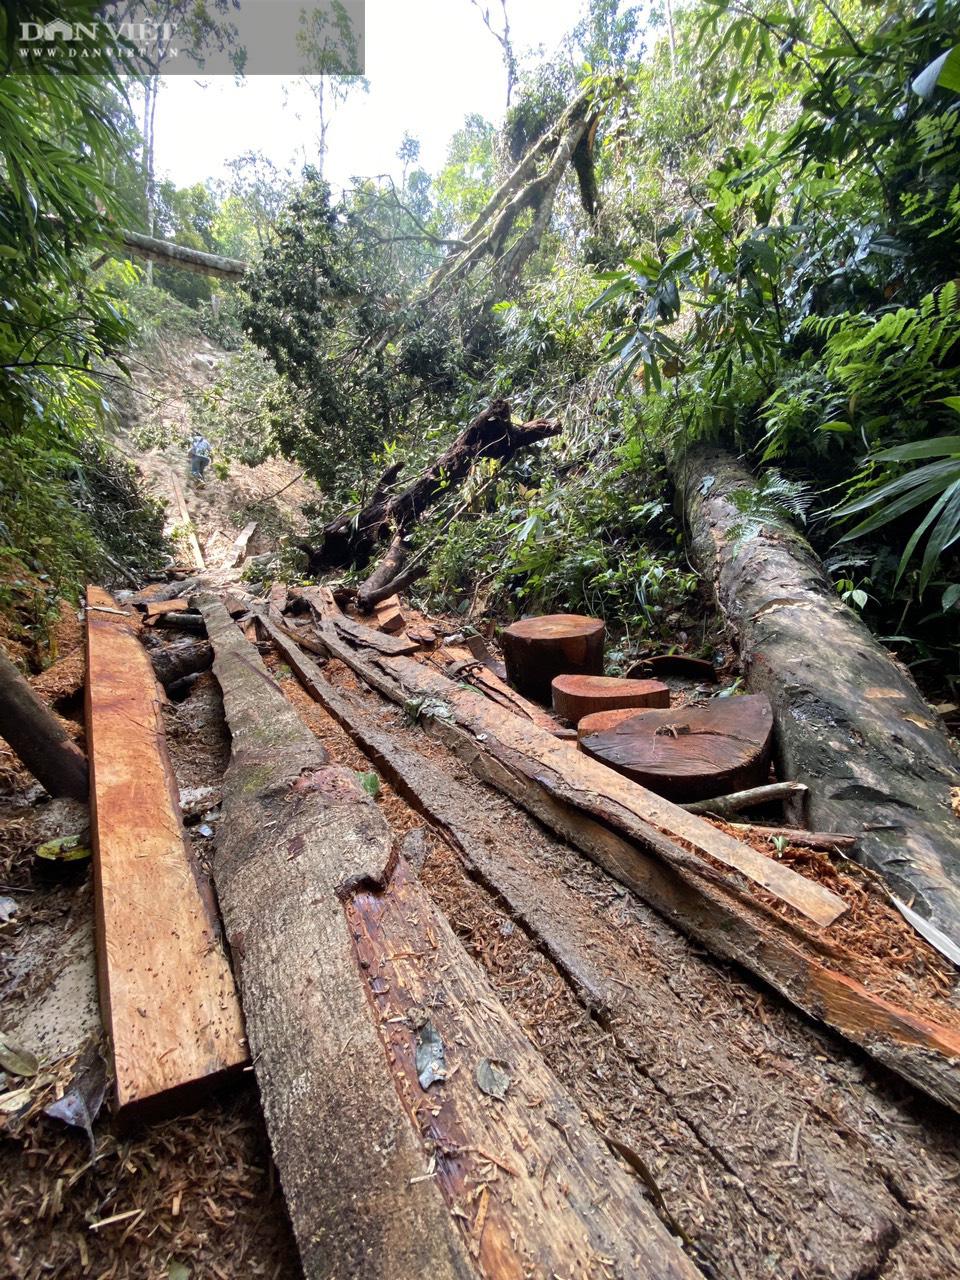 Phá rừng pơ mu VQG Hoàng Liên: Chủ Vườn đã bỏ qua các vấn đề mấu chốt trong báo cáo gửi cấp trên! - Ảnh 3.